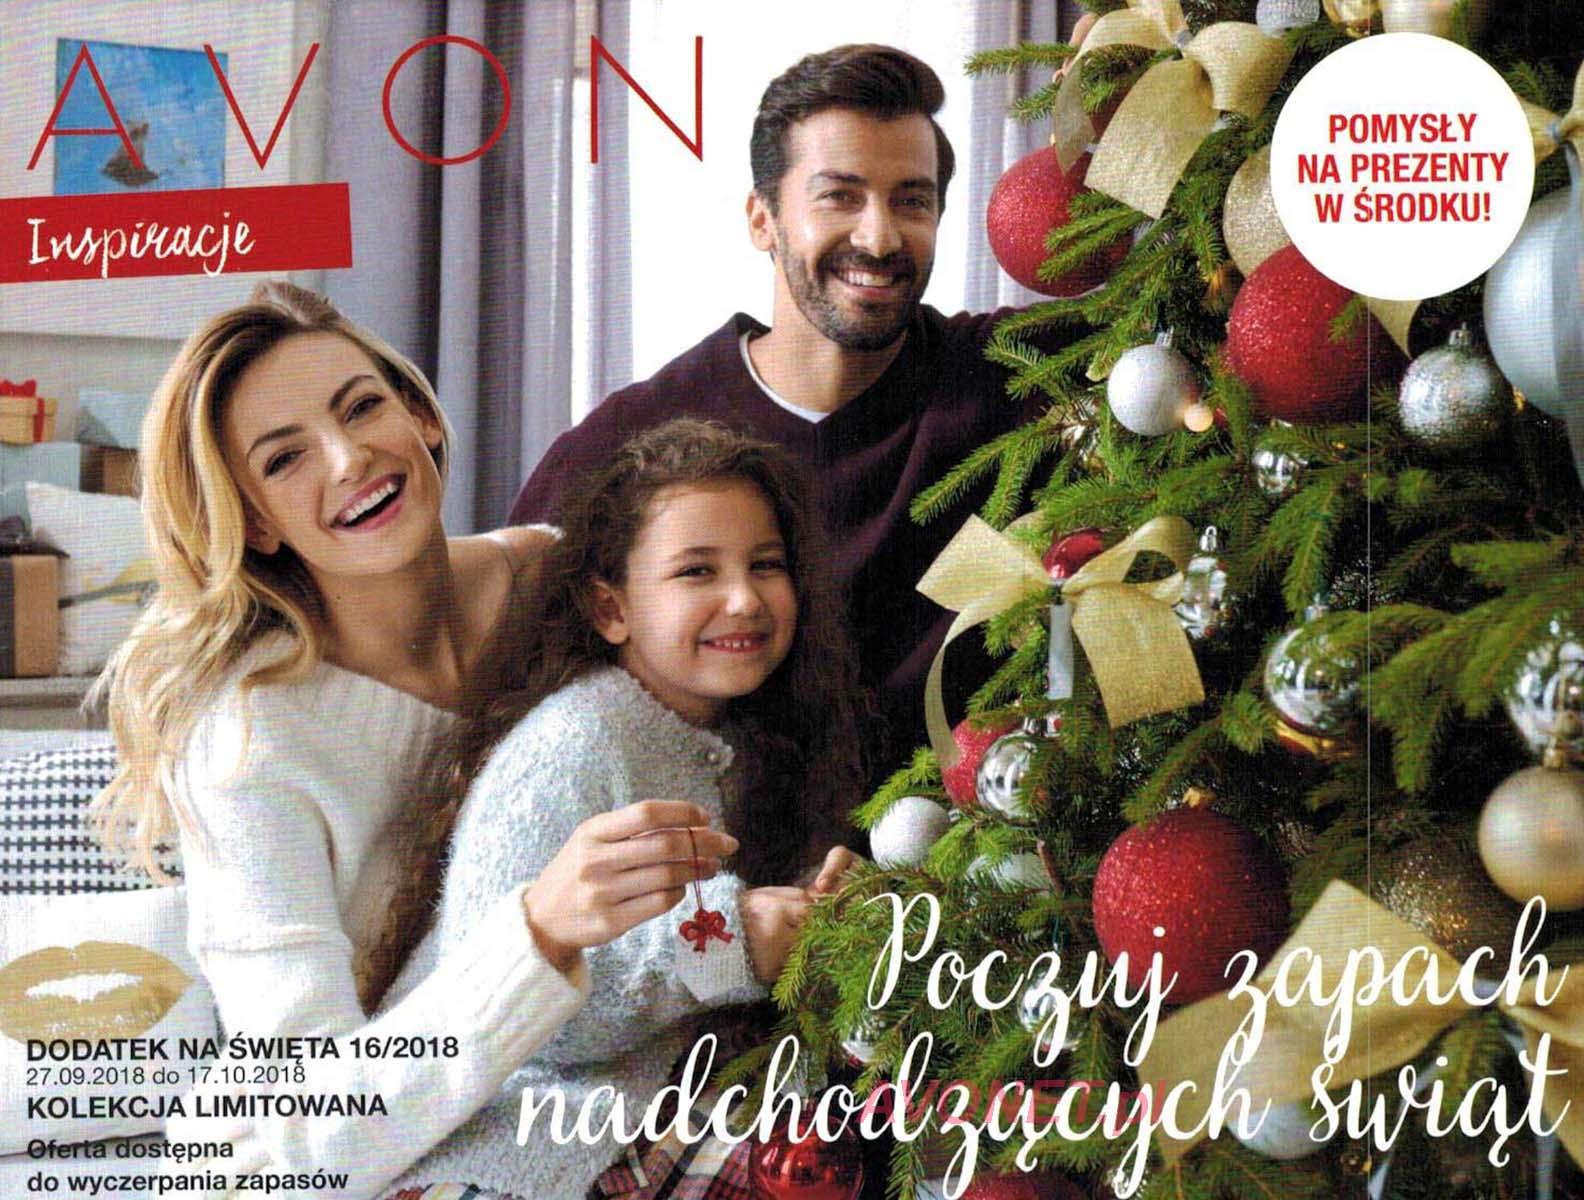 Avon Dodatek na Święta Bożego Narodzenia